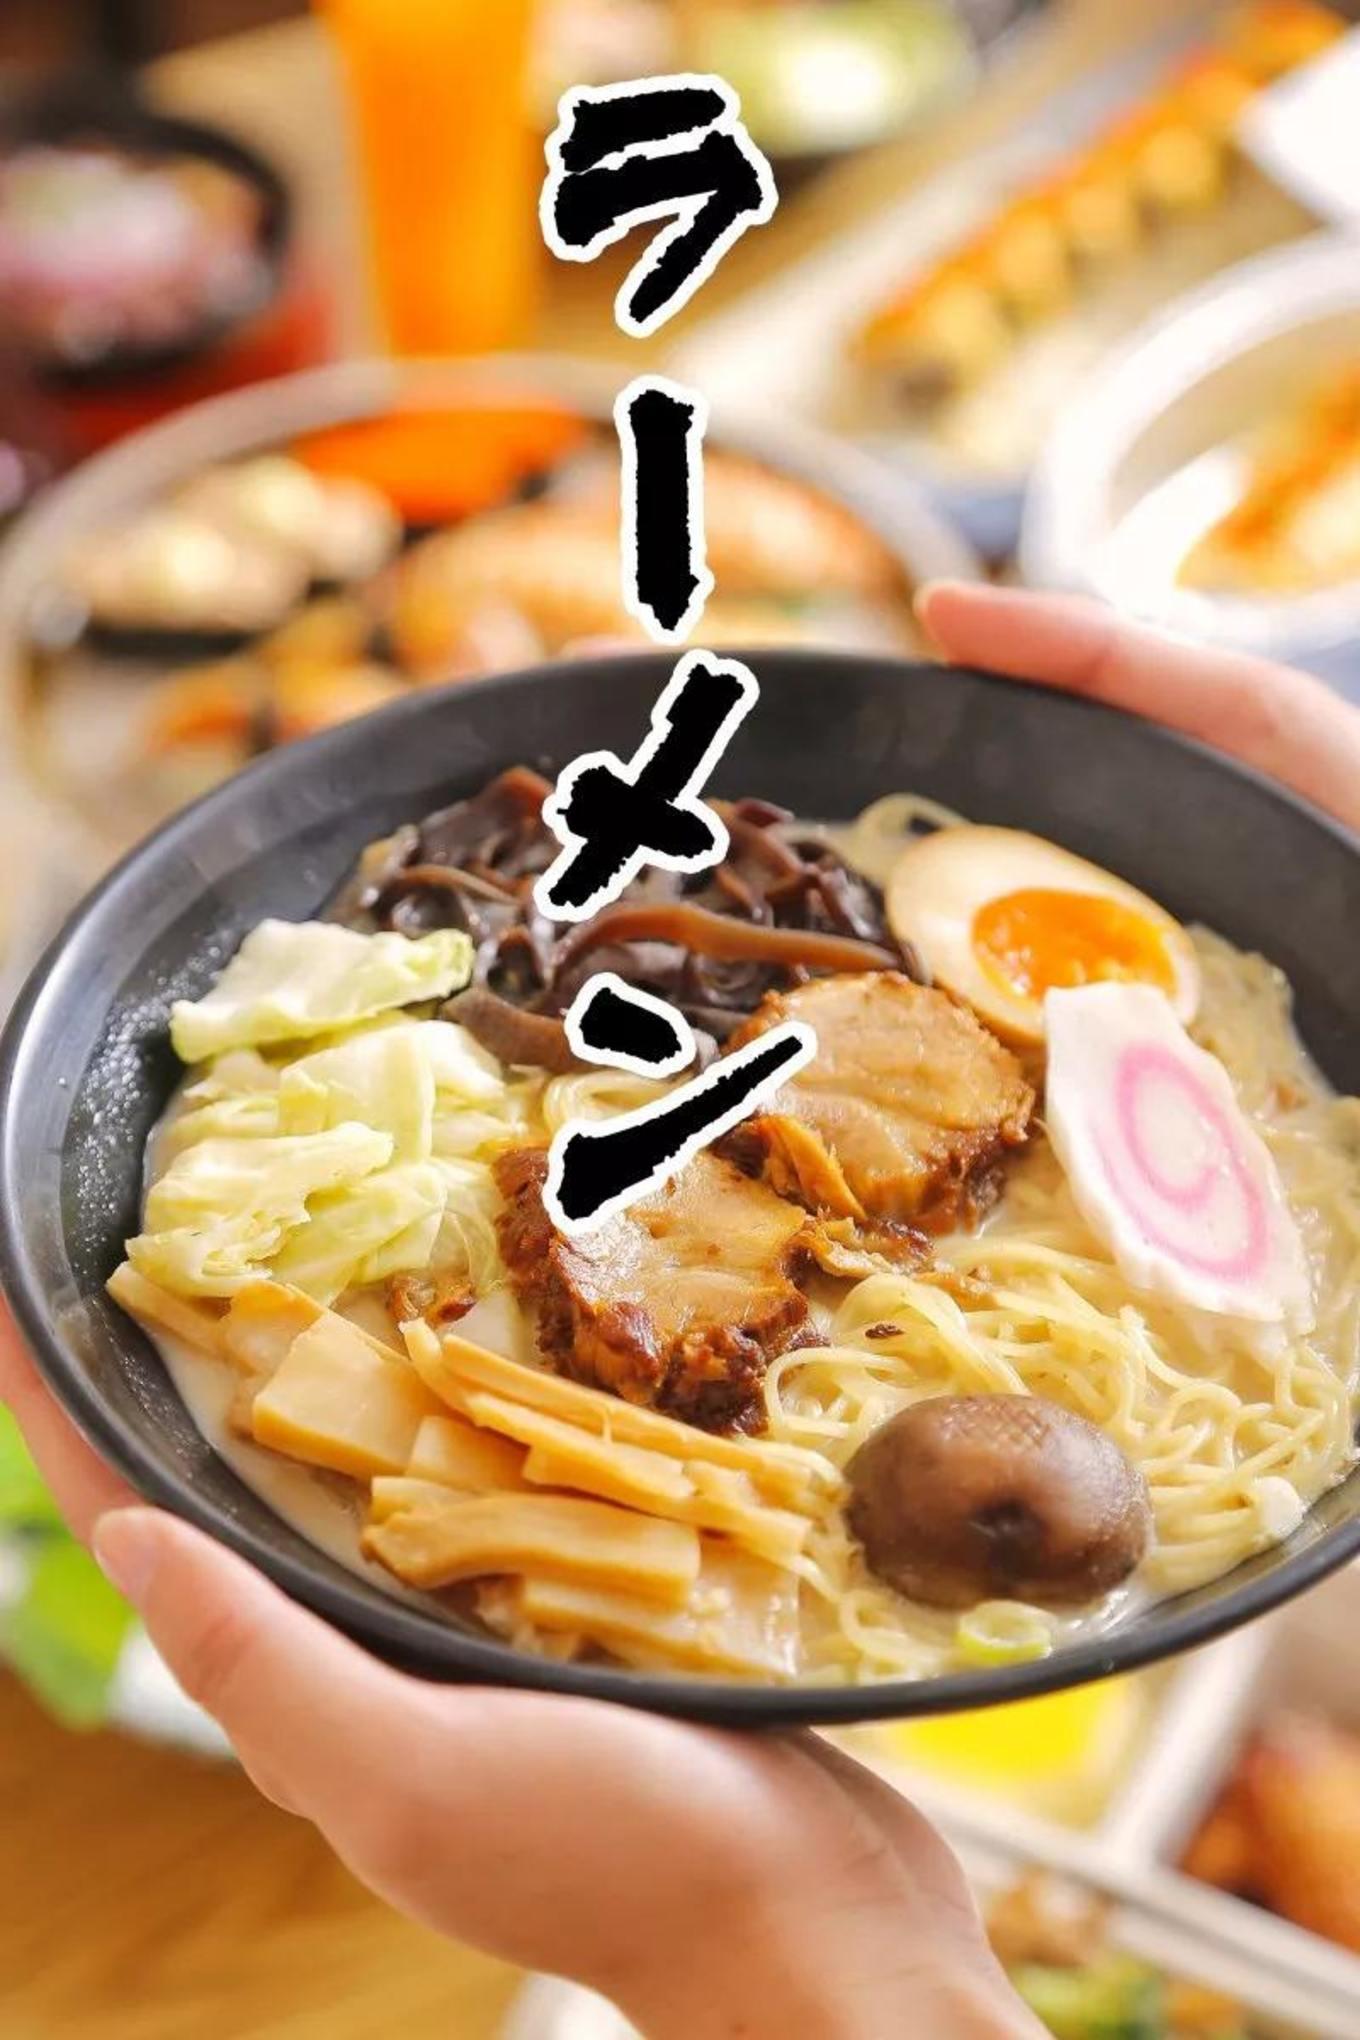 日本美食推荐